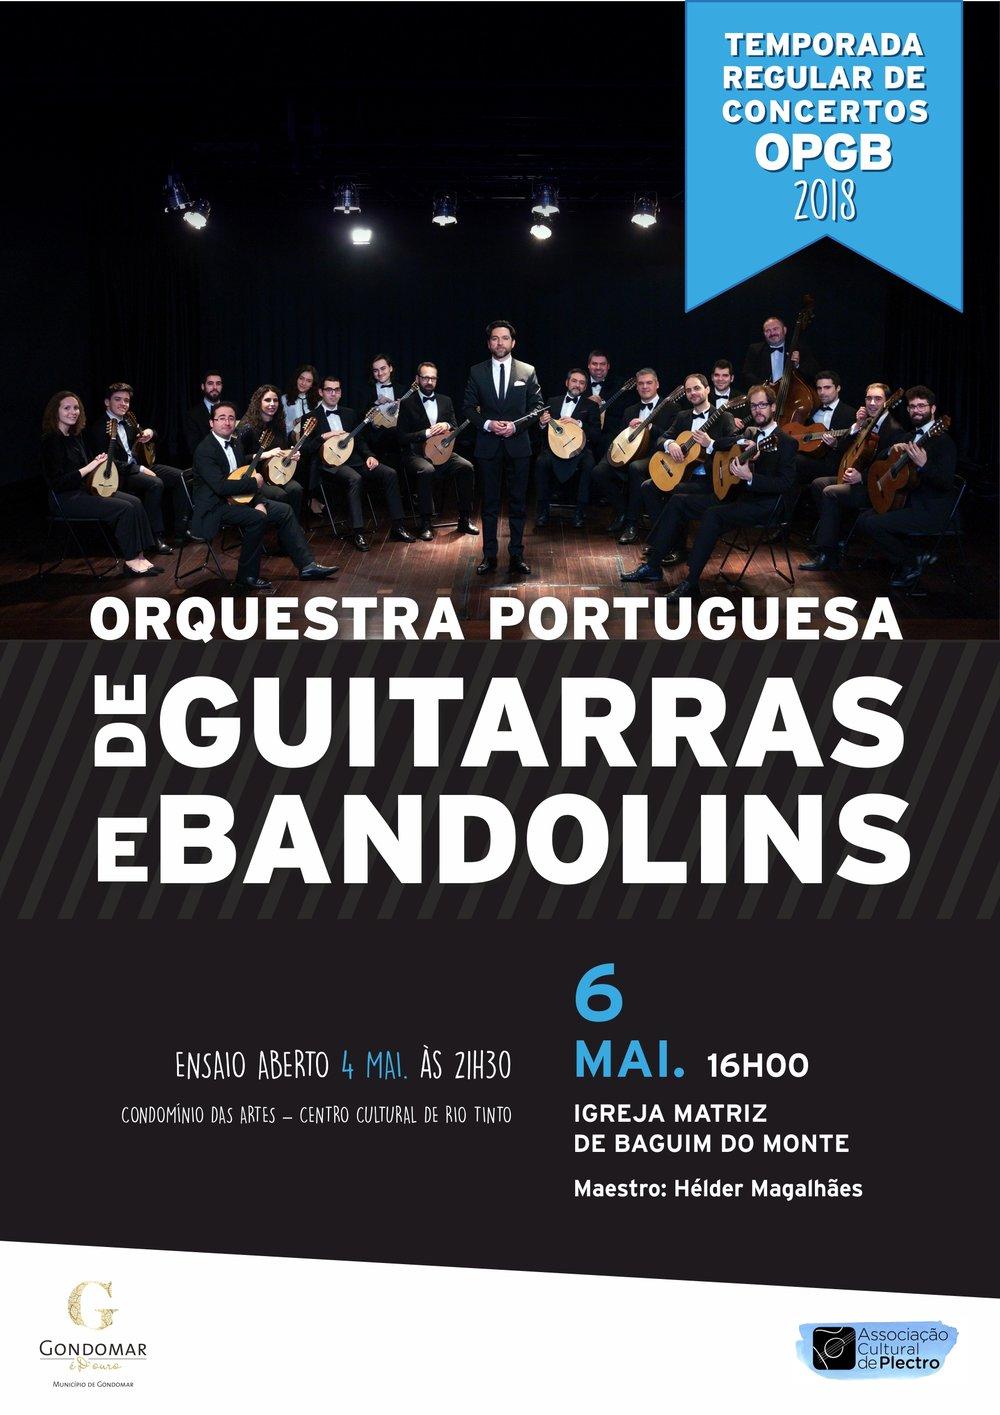 Cartaz Temporada Regular de Concertos OPGB 2018_maio.jpg